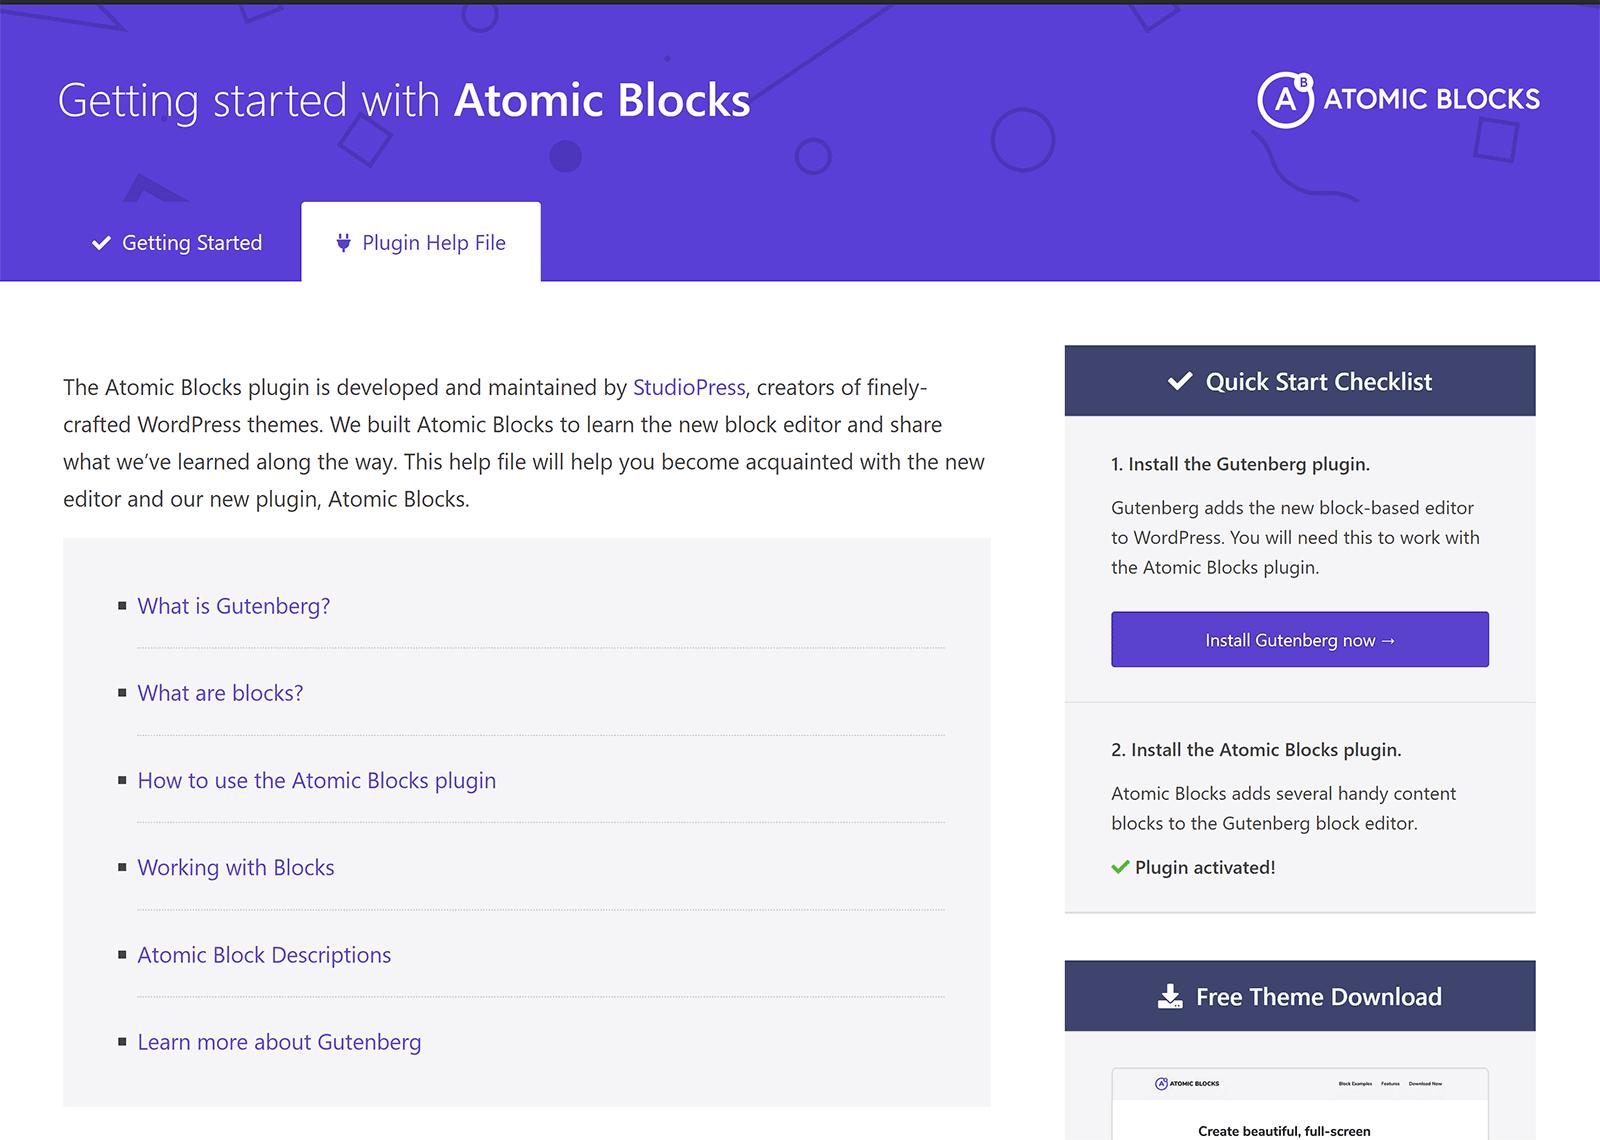 Comenzando con los bloques atómicos